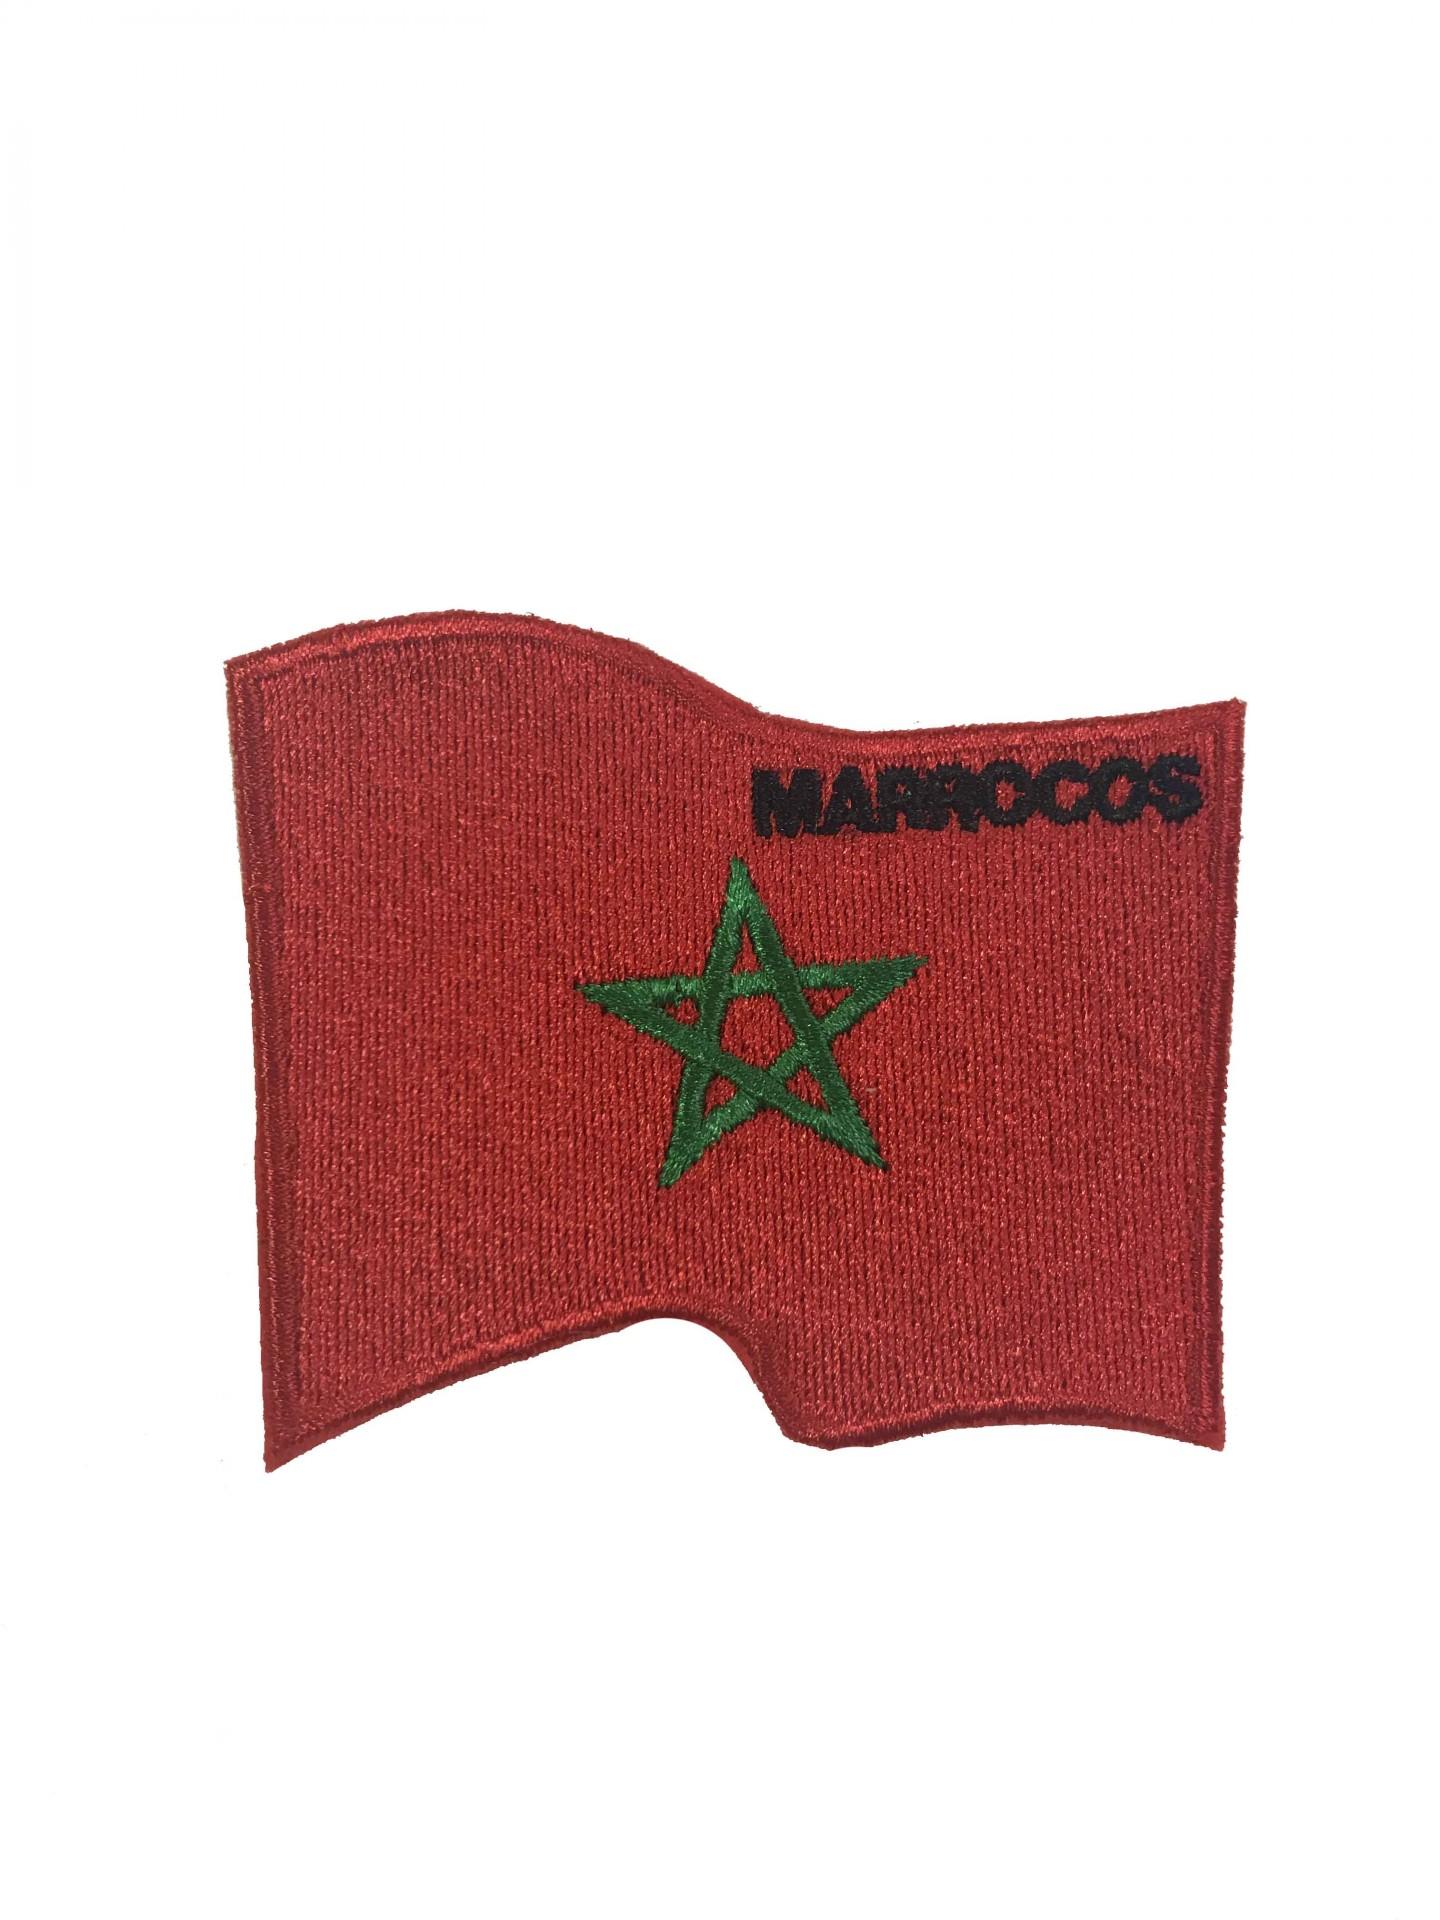 Emblema Marrocos